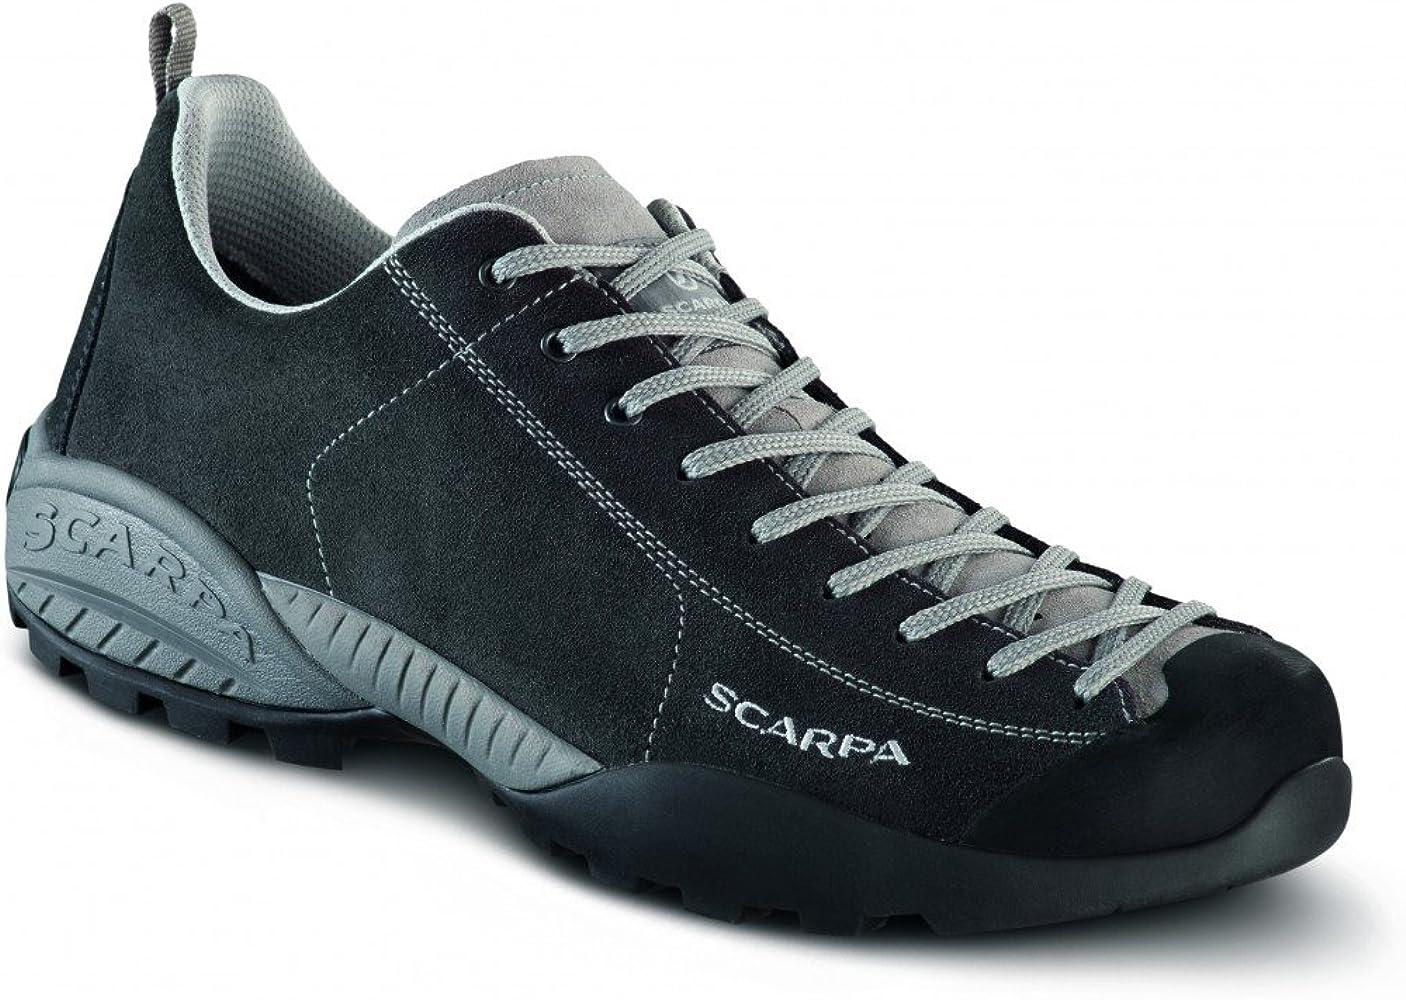 Scarpa Mojito GTX lime fluo 41.5 EU: Amazon.es: Deportes y aire libre